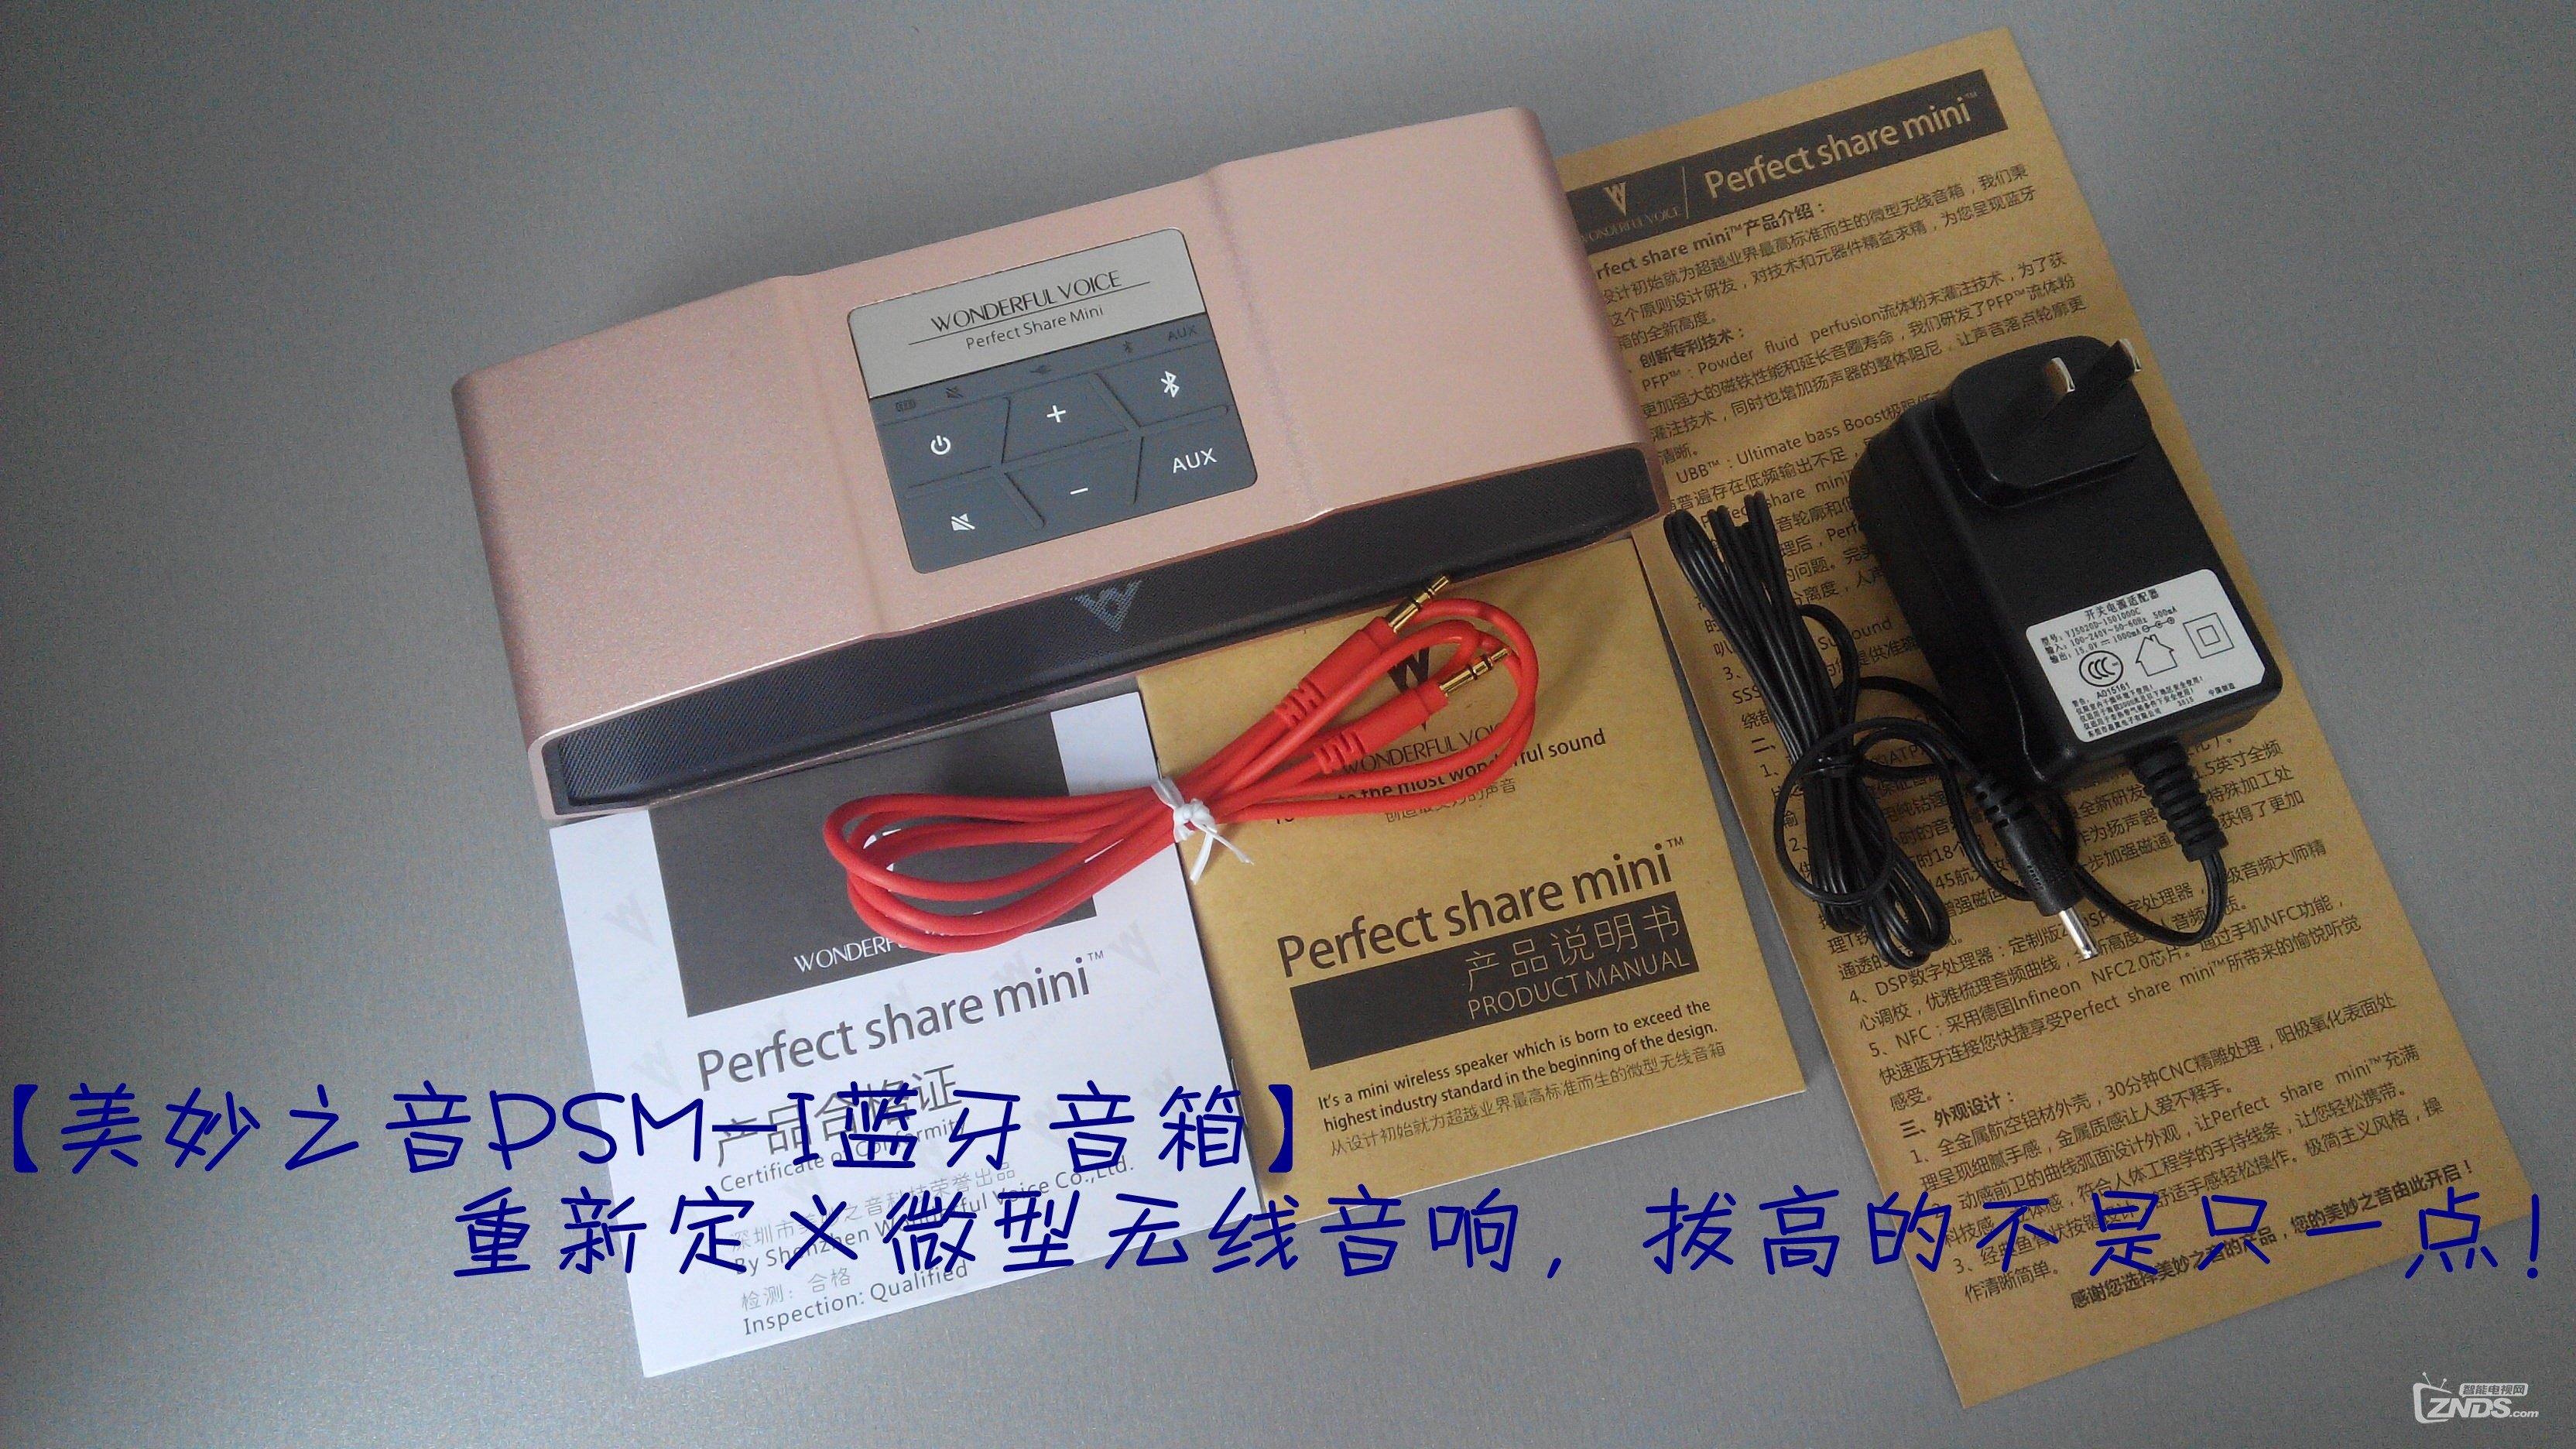 美妙之音PSM-I蓝牙音箱:重新定义微型无线音响 众测 第1张